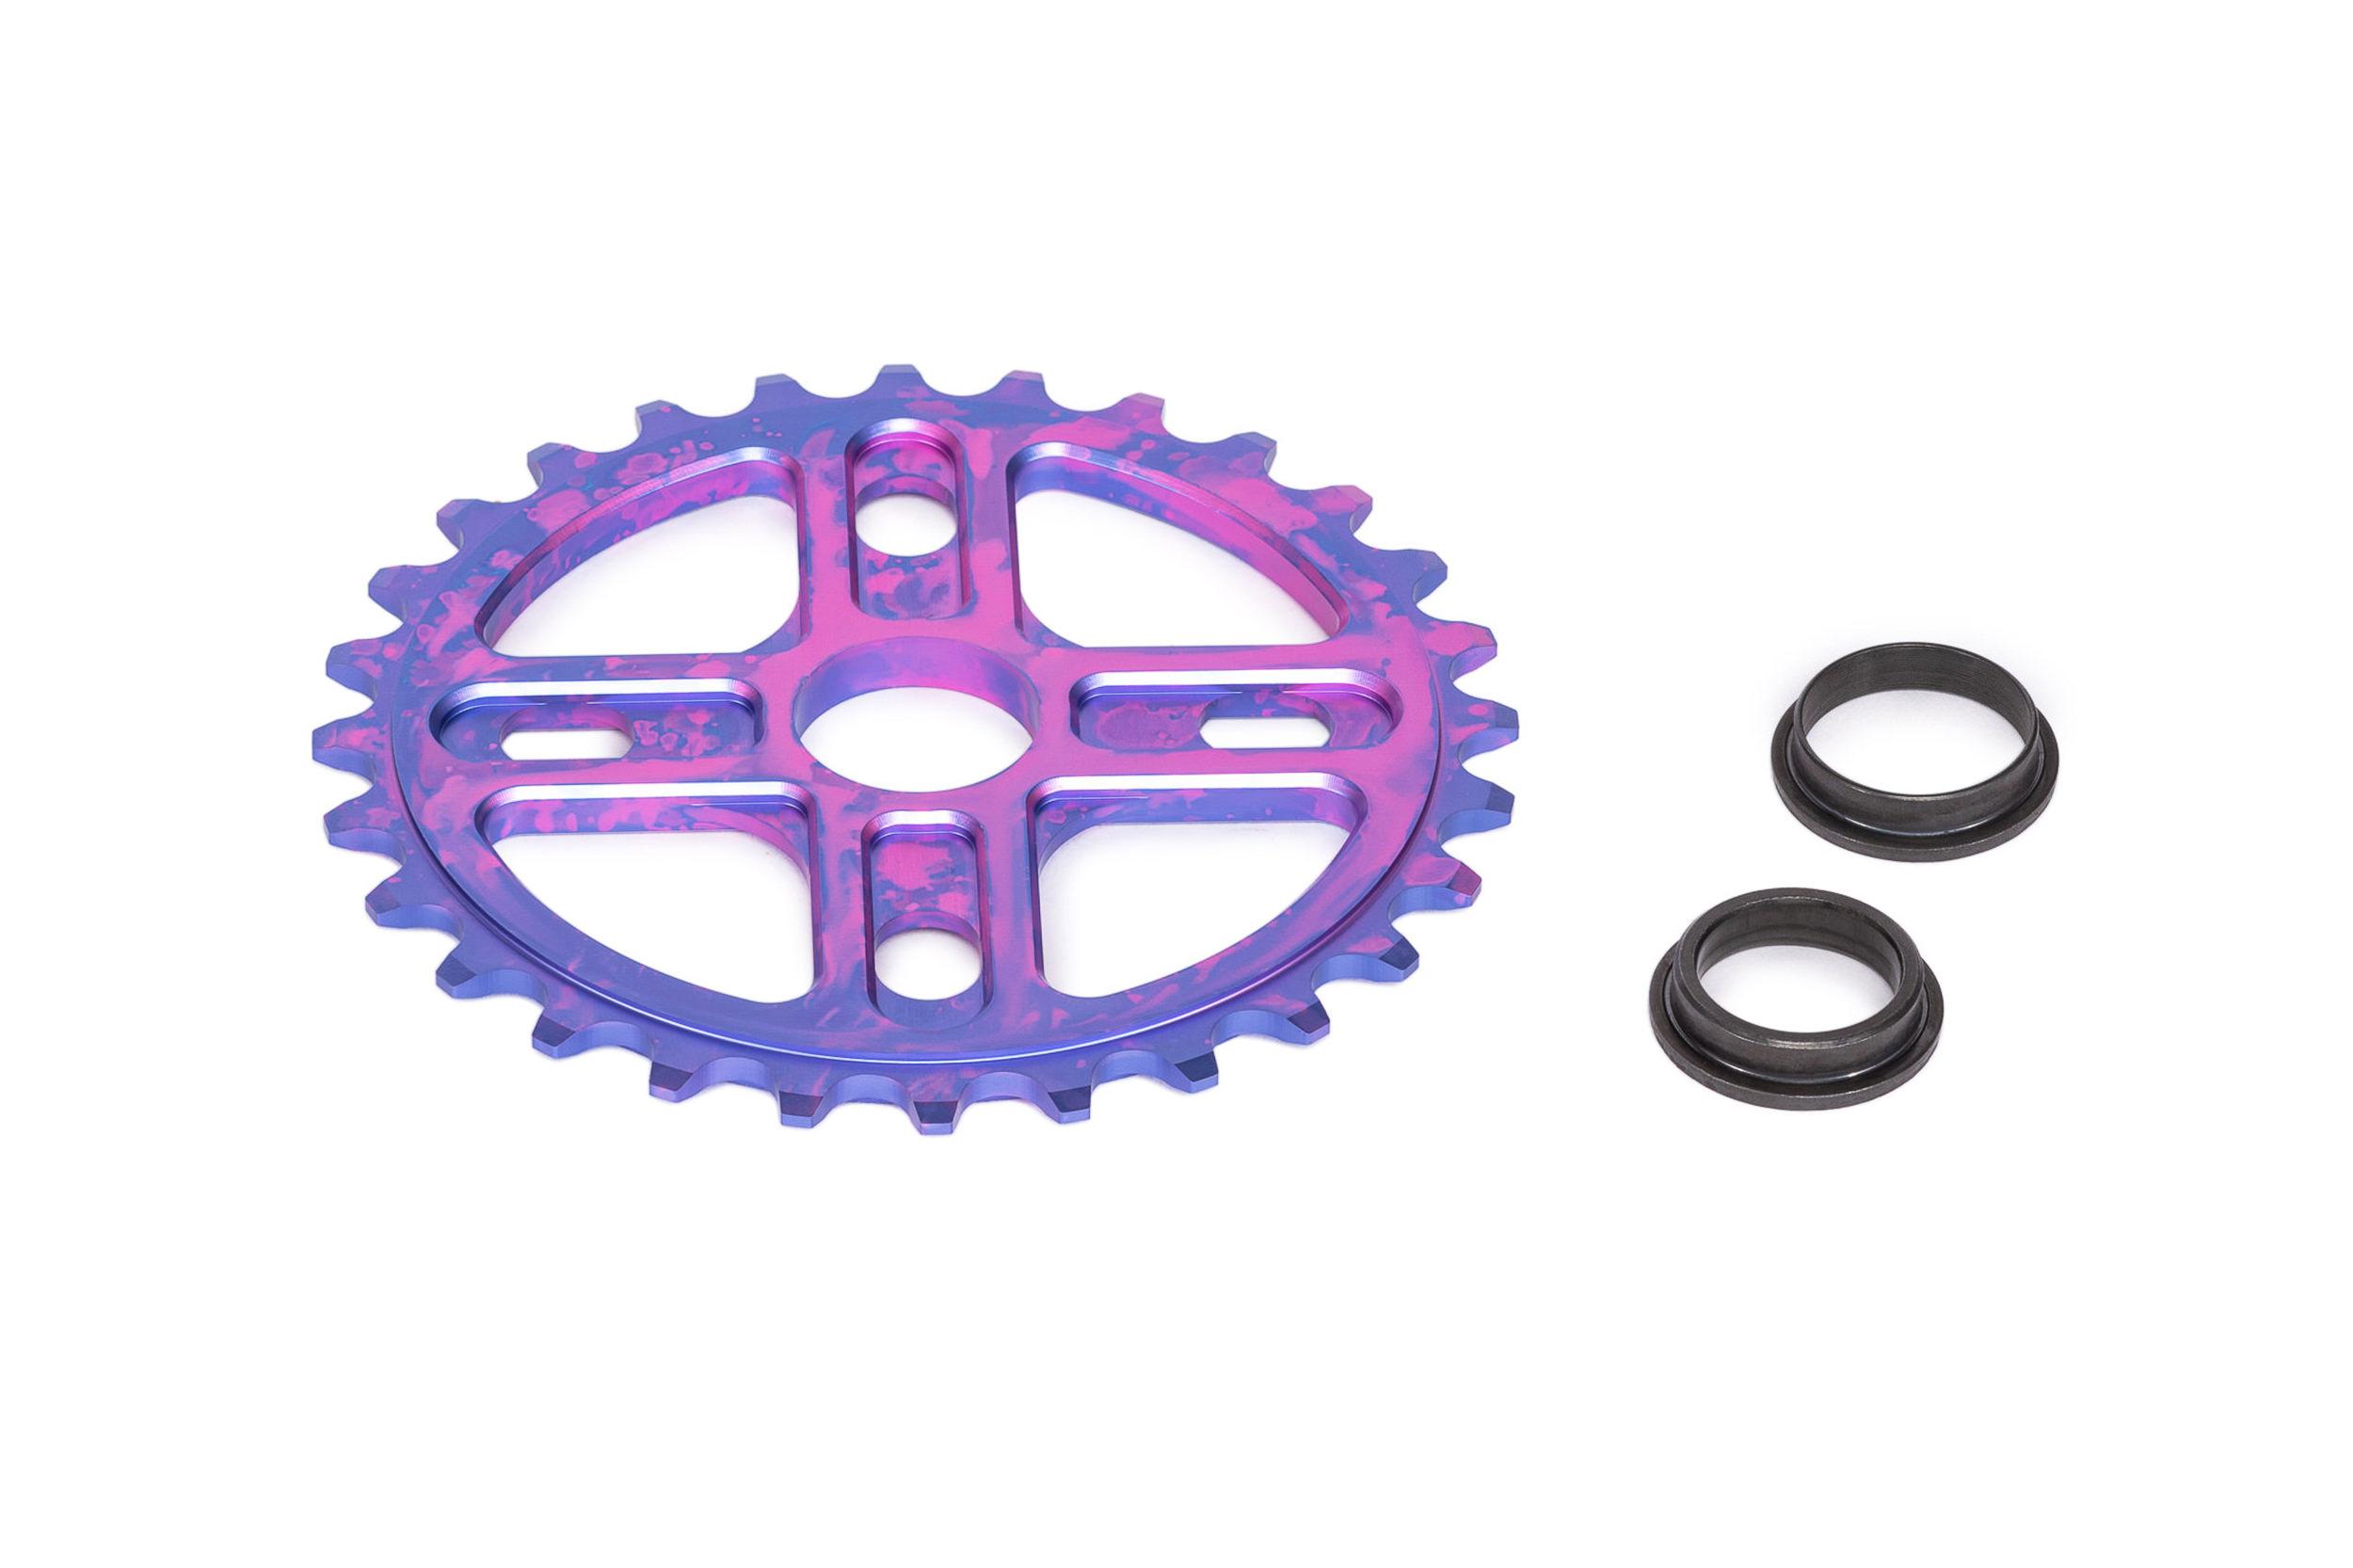 SaltPlus_Manta_sprocket_28t_nebula_purple-03